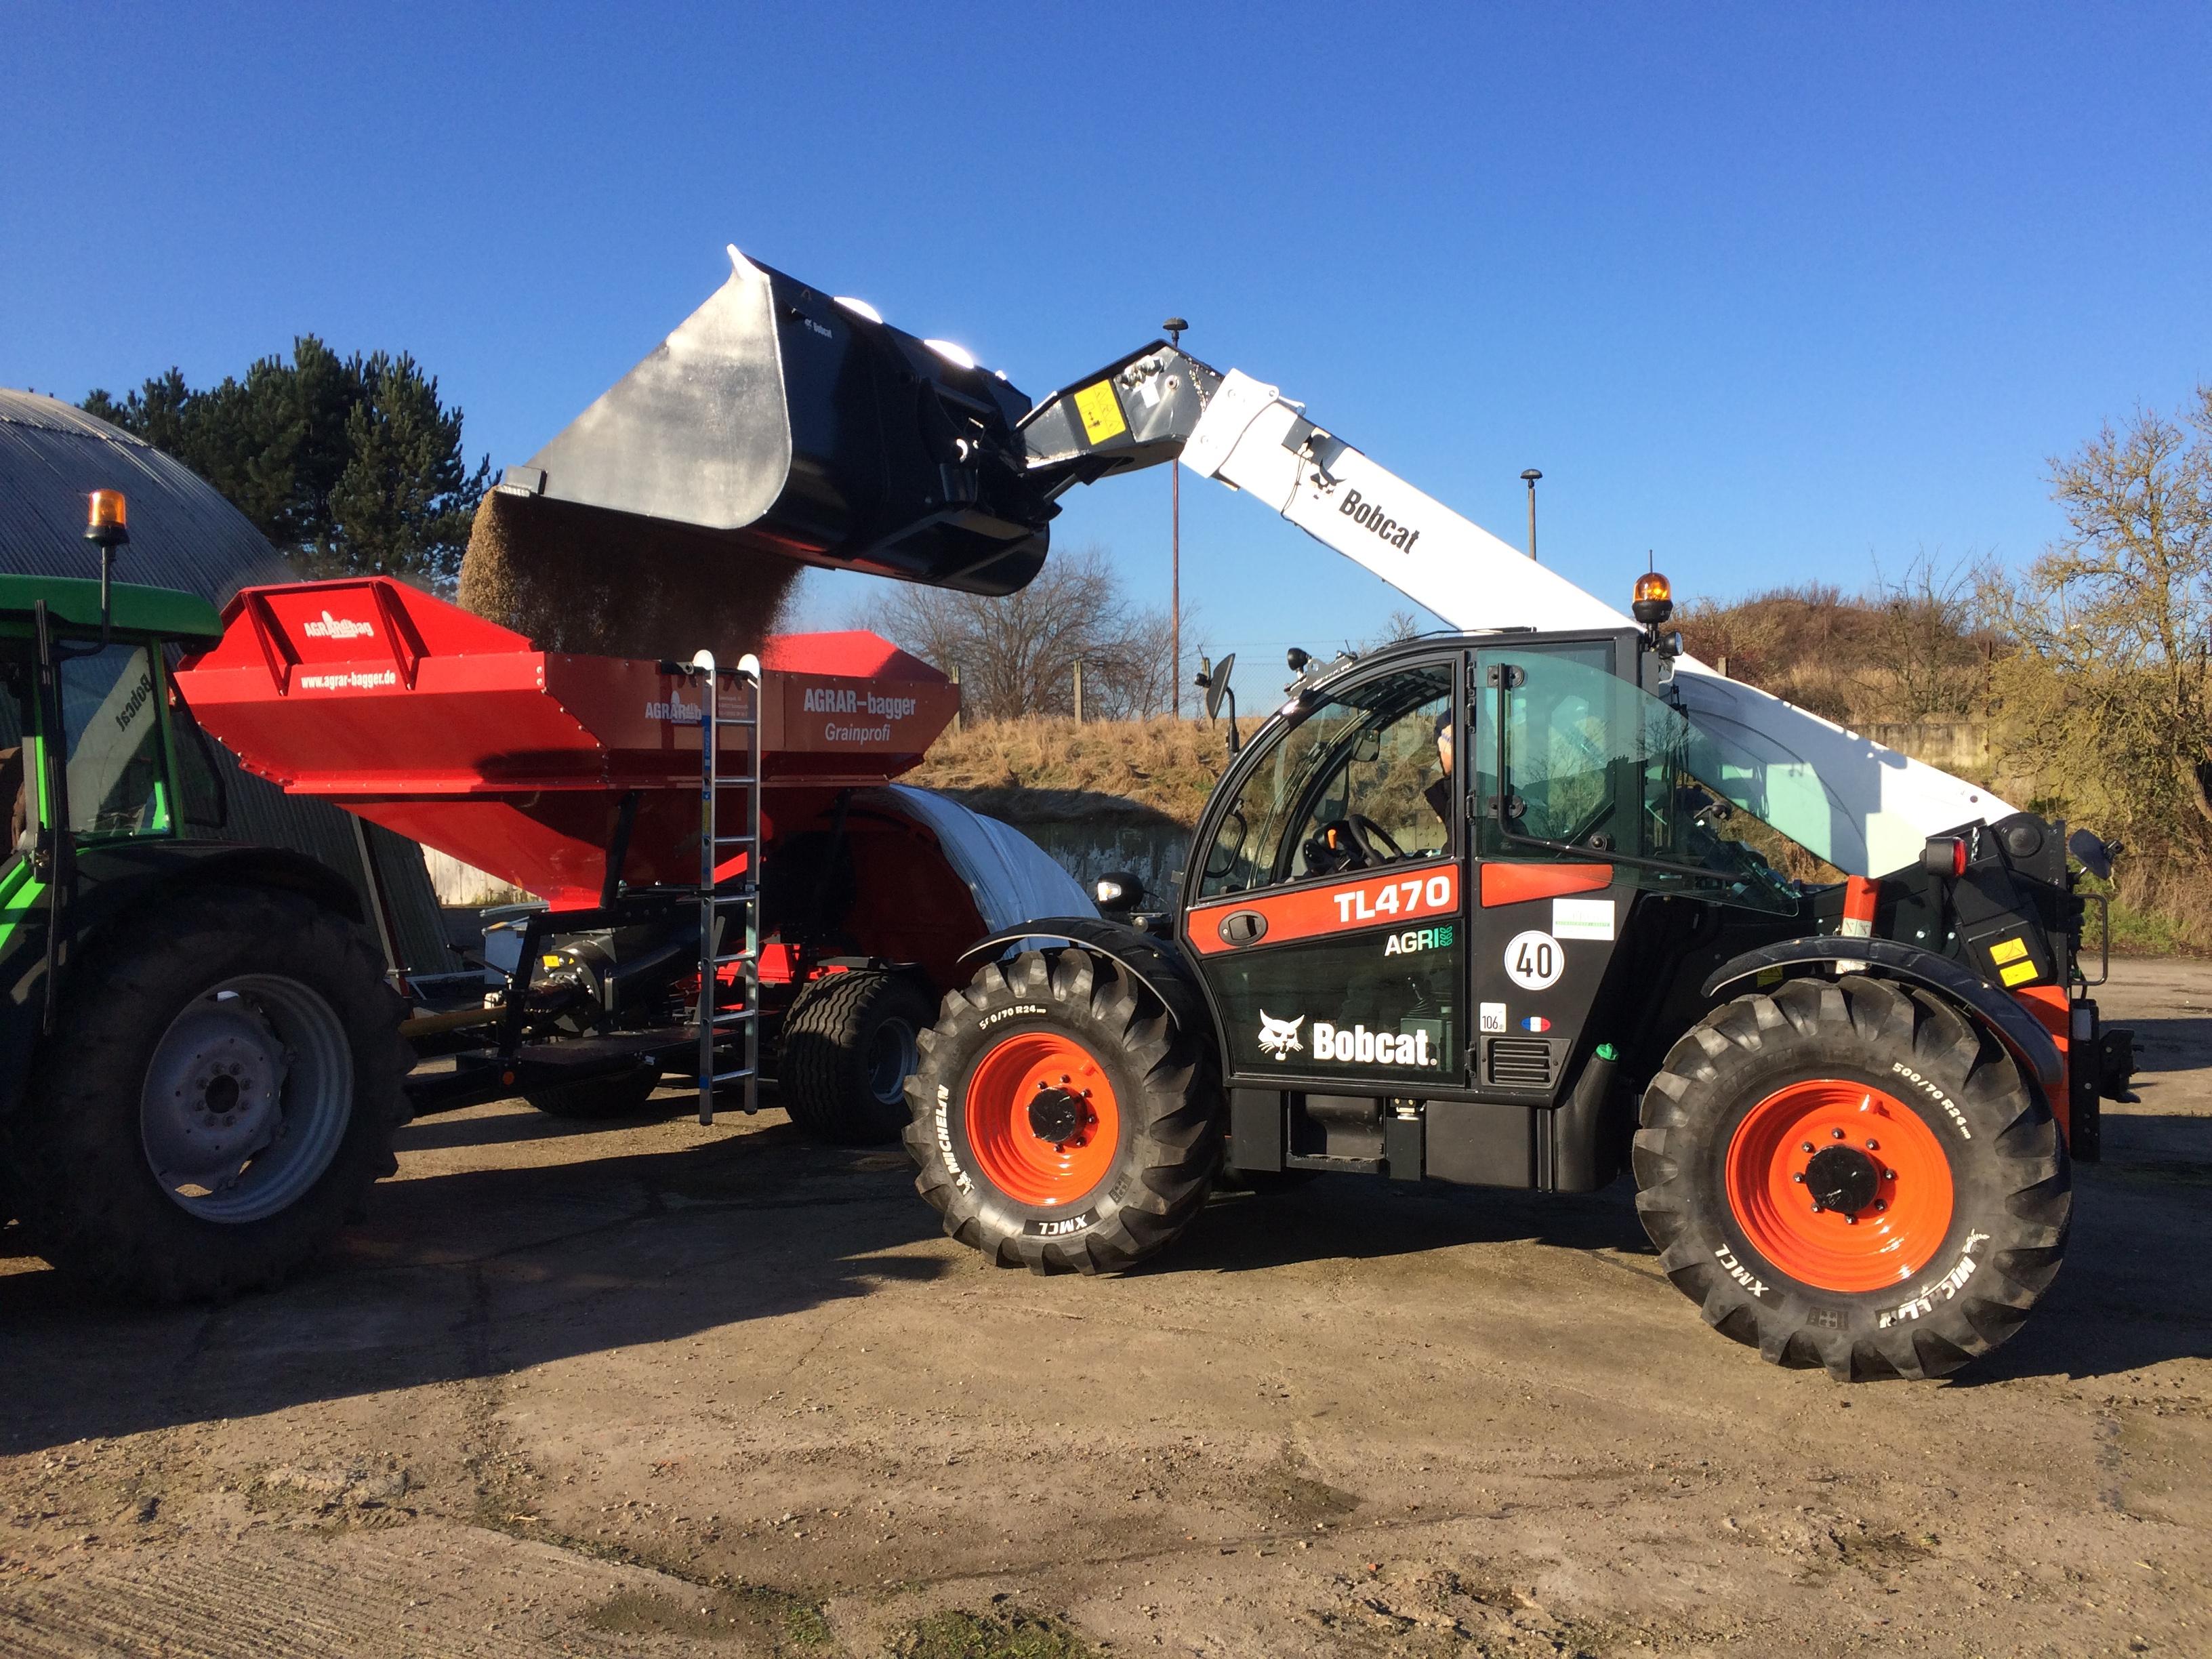 Der Bobcat TL470HF Agri ist speziell für landwirtschaftliche Einsätze ausgestattet.